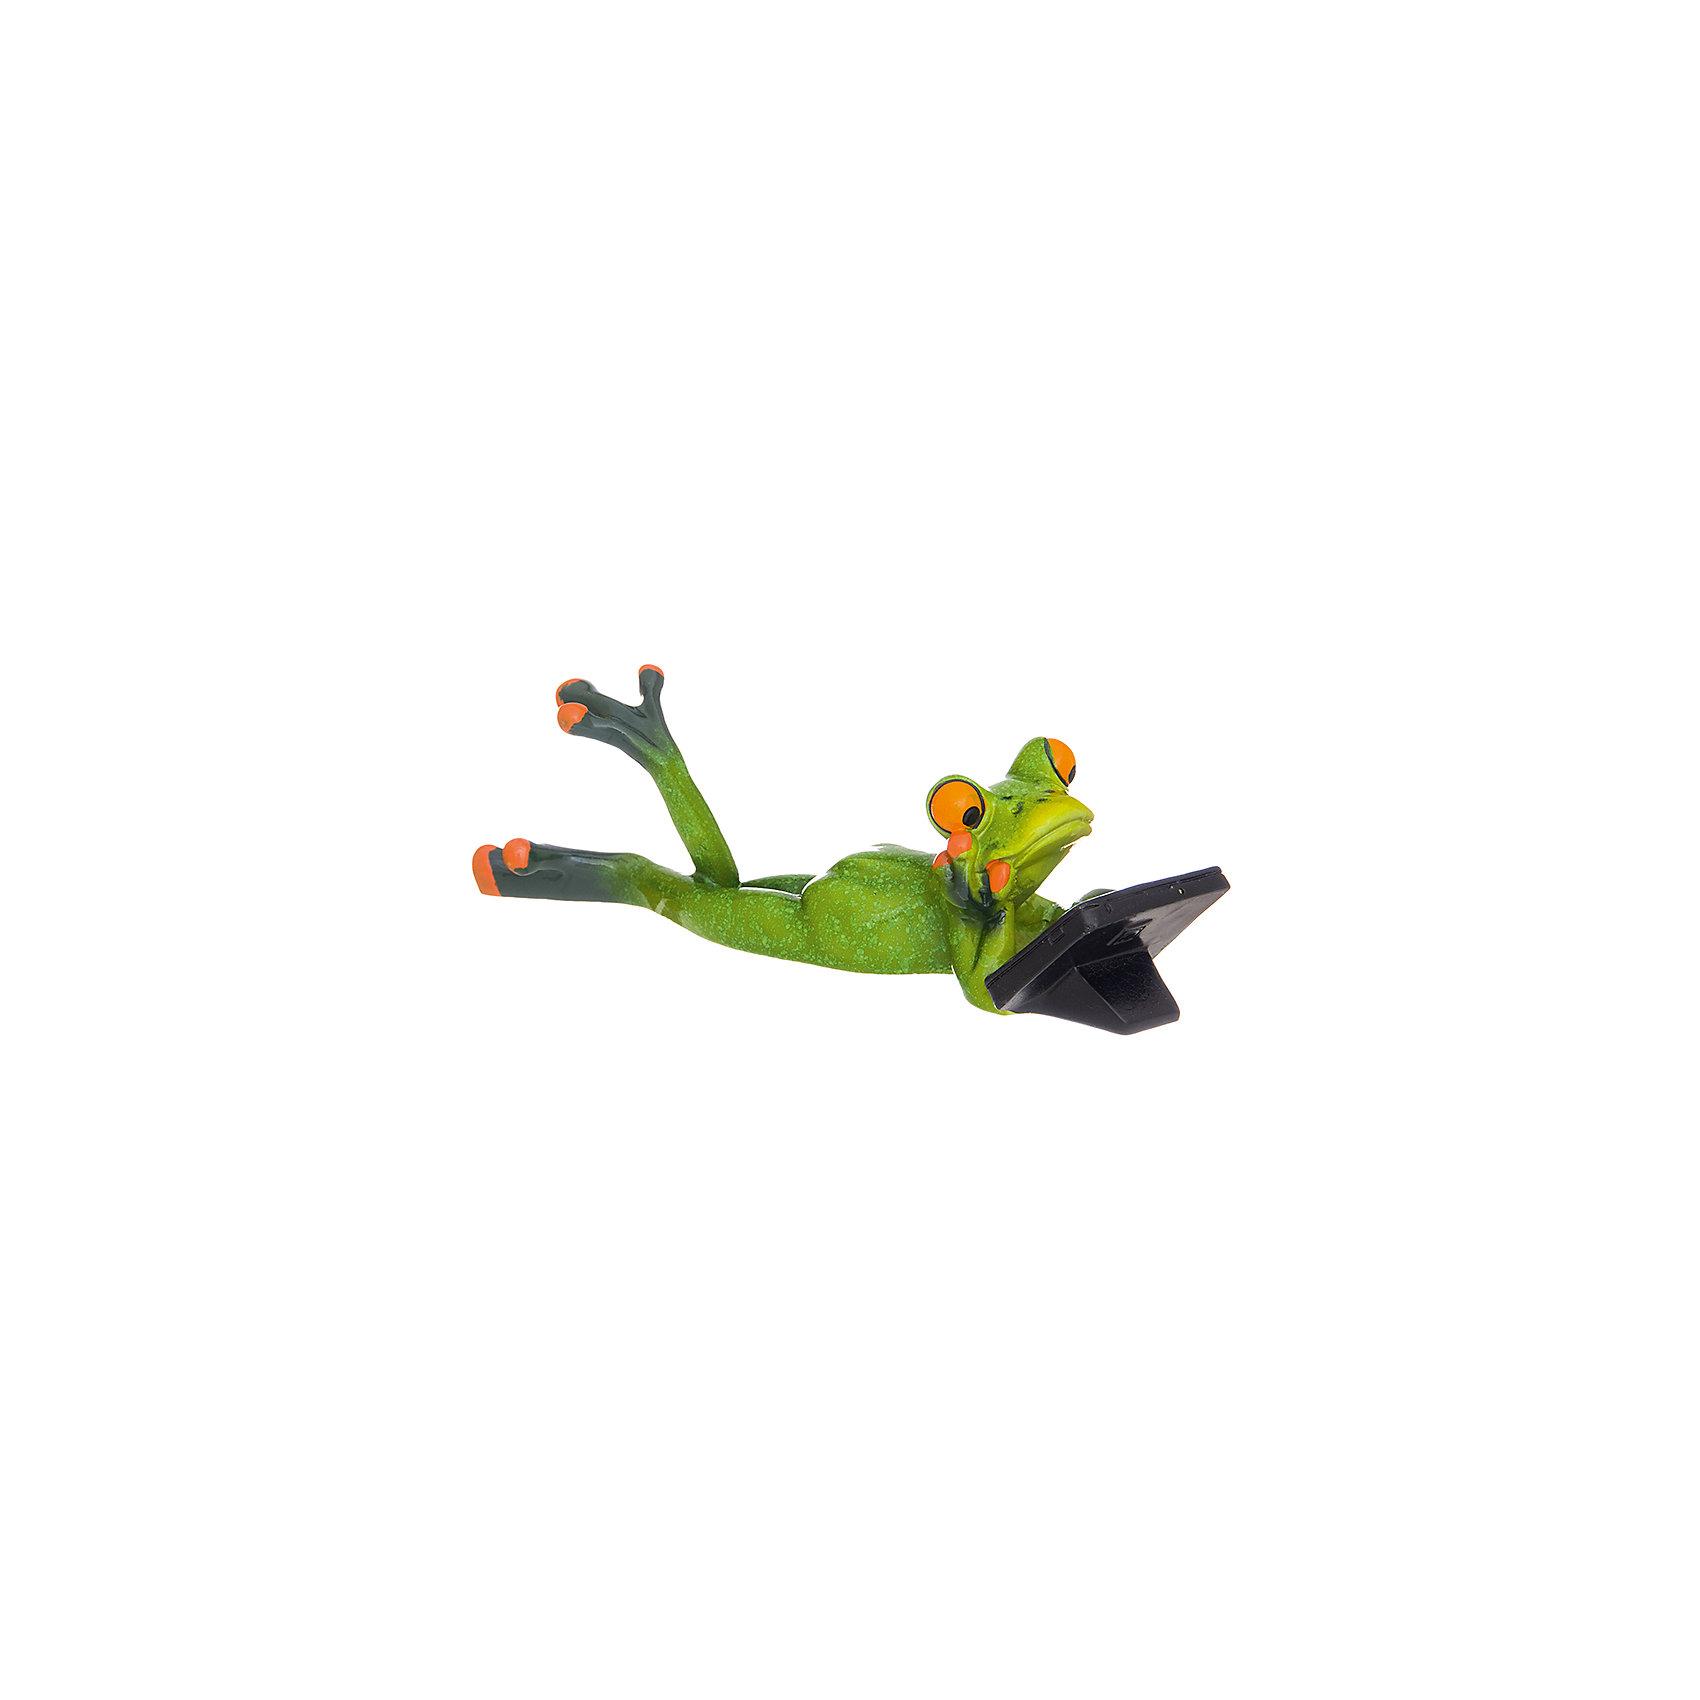 Фигурка декоративная Лягушонок с планшетом, Elan GalleryПредметы интерьера<br>Характеристики товара:<br><br>• цвет: мульти<br>• материал: полистоун<br>• высота: 6 см<br>• вес: 250 г<br>• подходит к любому интерьеру<br>• отлично проработаны детали<br>• универсальный размер<br>• страна бренда: Российская Федерация<br>• страна производства: Китай<br><br>Такая декоративная фигурка - отличный пример красивой вещи для любого интерьера. Благодаря универсальному дизайну и расцветке она хорошо будет смотреться в помещении.<br><br>Декоративная фигурка может стать отличным приобретением для дома или подарком для любителей симпатичных вещей, украшающих пространство.<br><br>Бренд Elan Gallery - это красивые и практичные товары для дома с современным дизайном. Они добавляют в жильё уюта и комфорта! <br><br>Фигурку декоративную Лягушонок с планшетом Elan Gallery можно купить в нашем интернет-магазине.<br><br>Ширина мм: 223<br>Глубина мм: 103<br>Высота мм: 94<br>Вес г: 228<br>Возраст от месяцев: 0<br>Возраст до месяцев: 1188<br>Пол: Унисекс<br>Возраст: Детский<br>SKU: 6669054